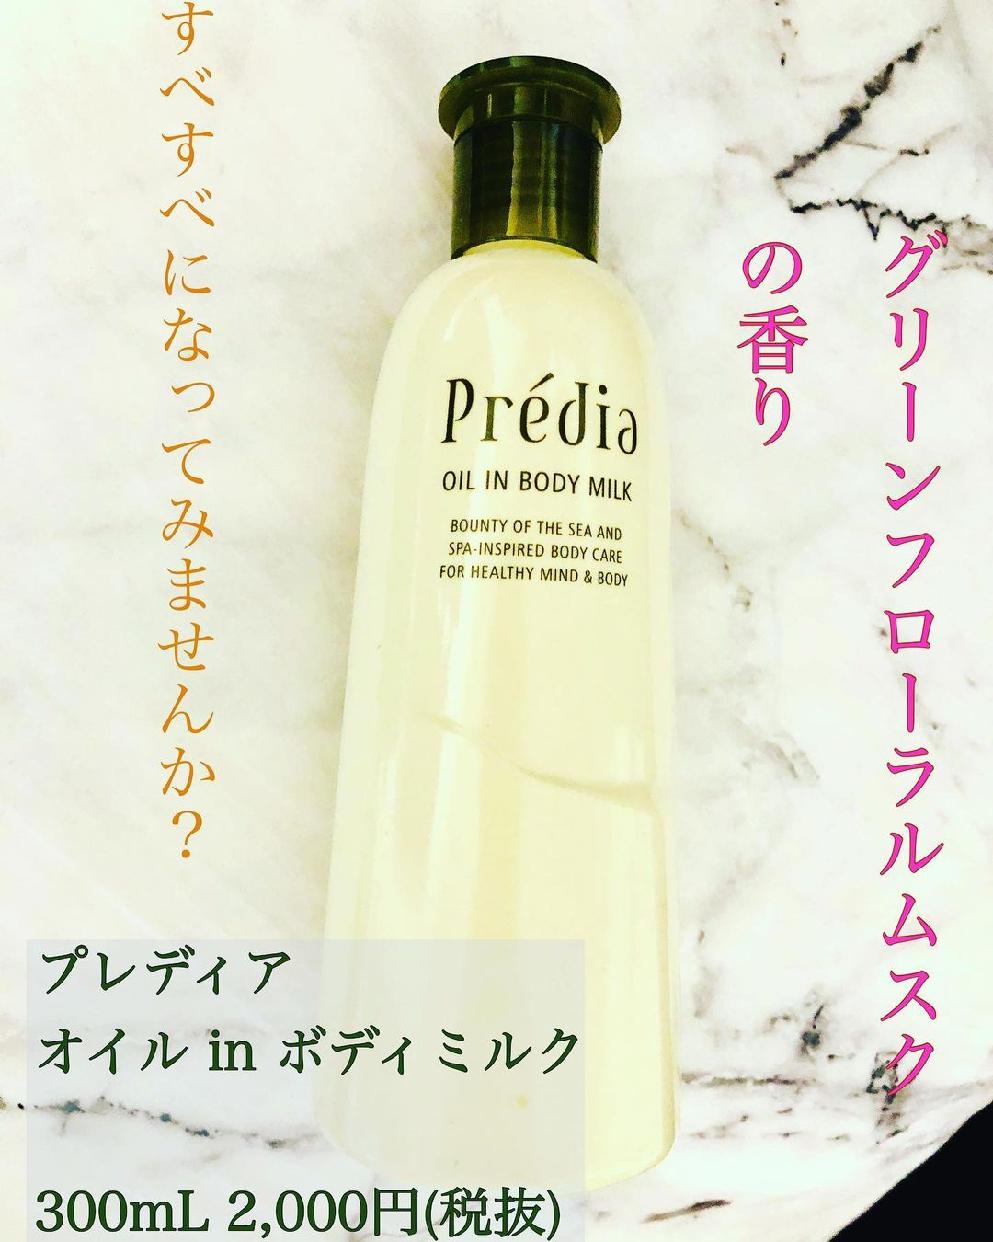 Predia(プレディア)オイル in ボディミルクを使ったnanaさんのクチコミ画像1